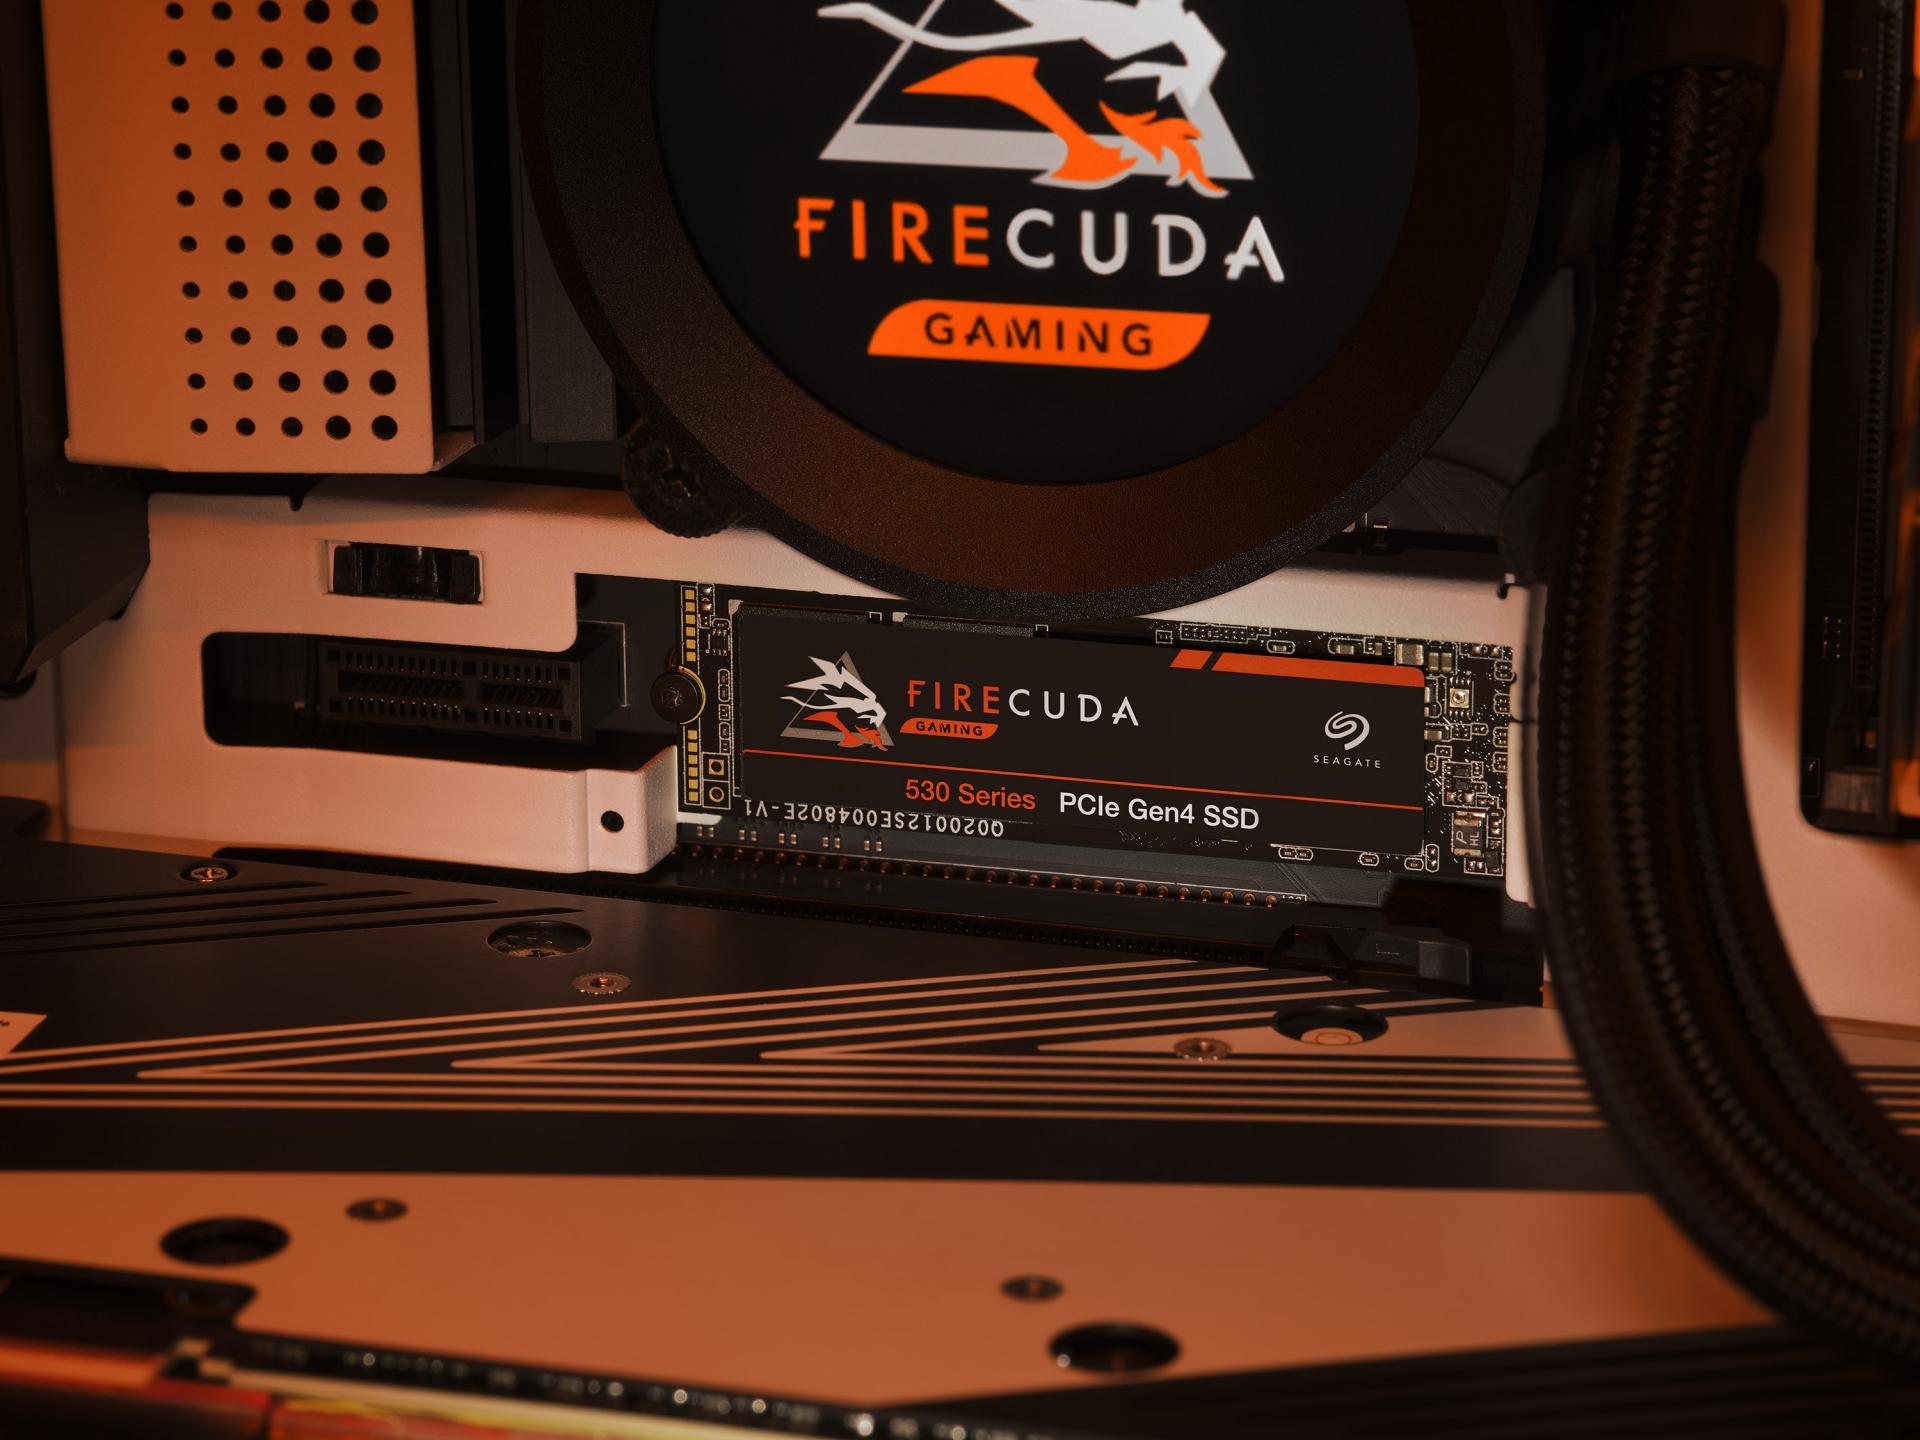 SSD Seagate Firecuda 530 пришёл покорять новые скорости